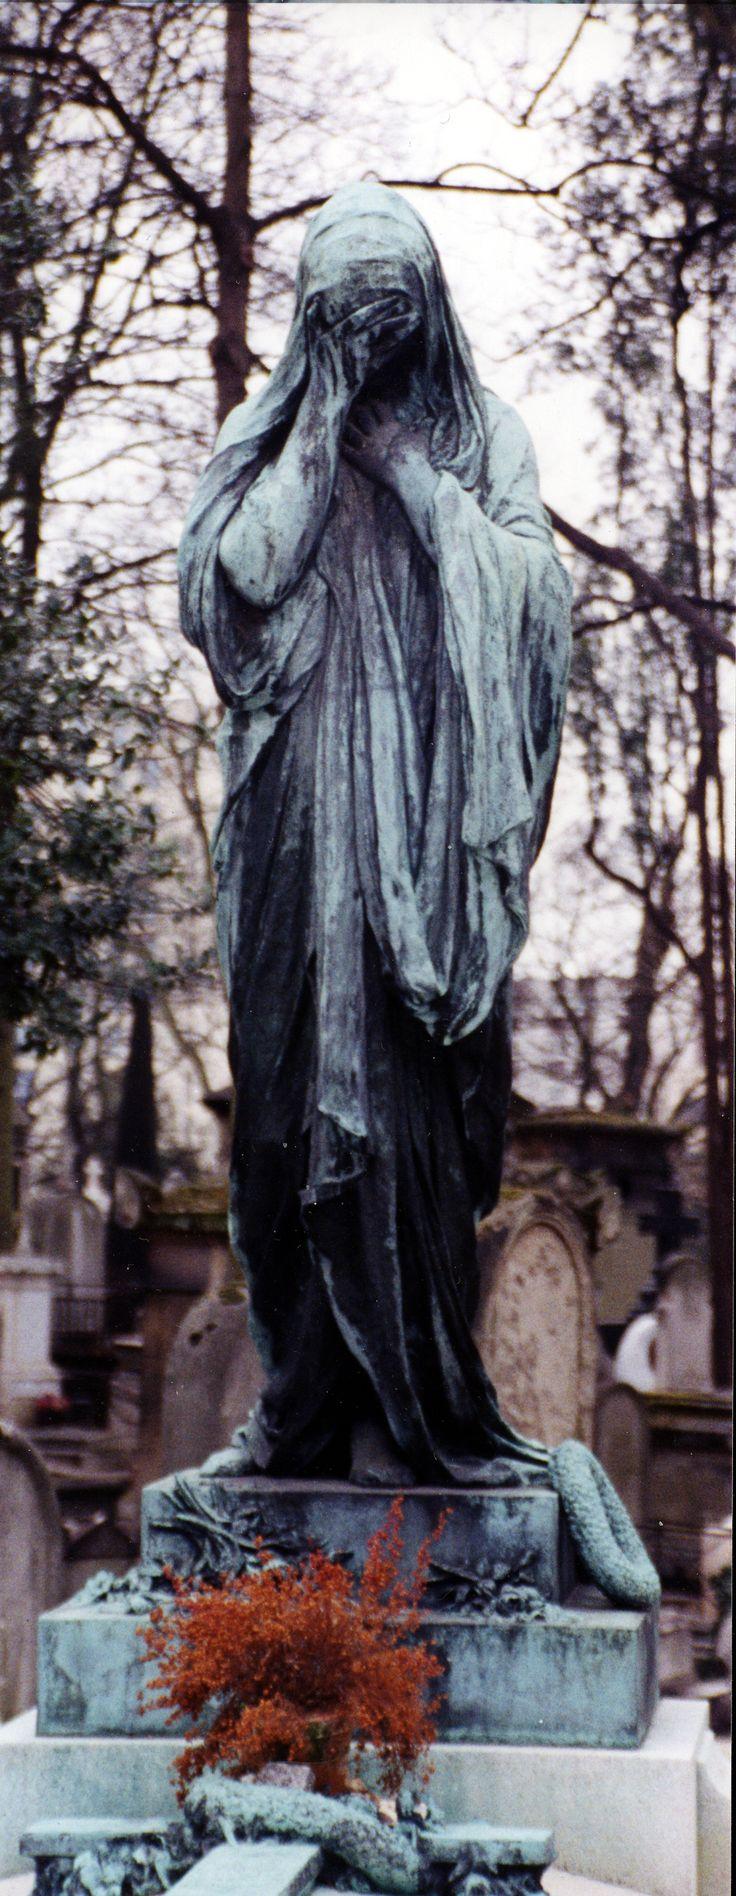 Menilmontant District, Père Lachaise Graveyard, 15 boulevard de Menilmontant, Paris XI